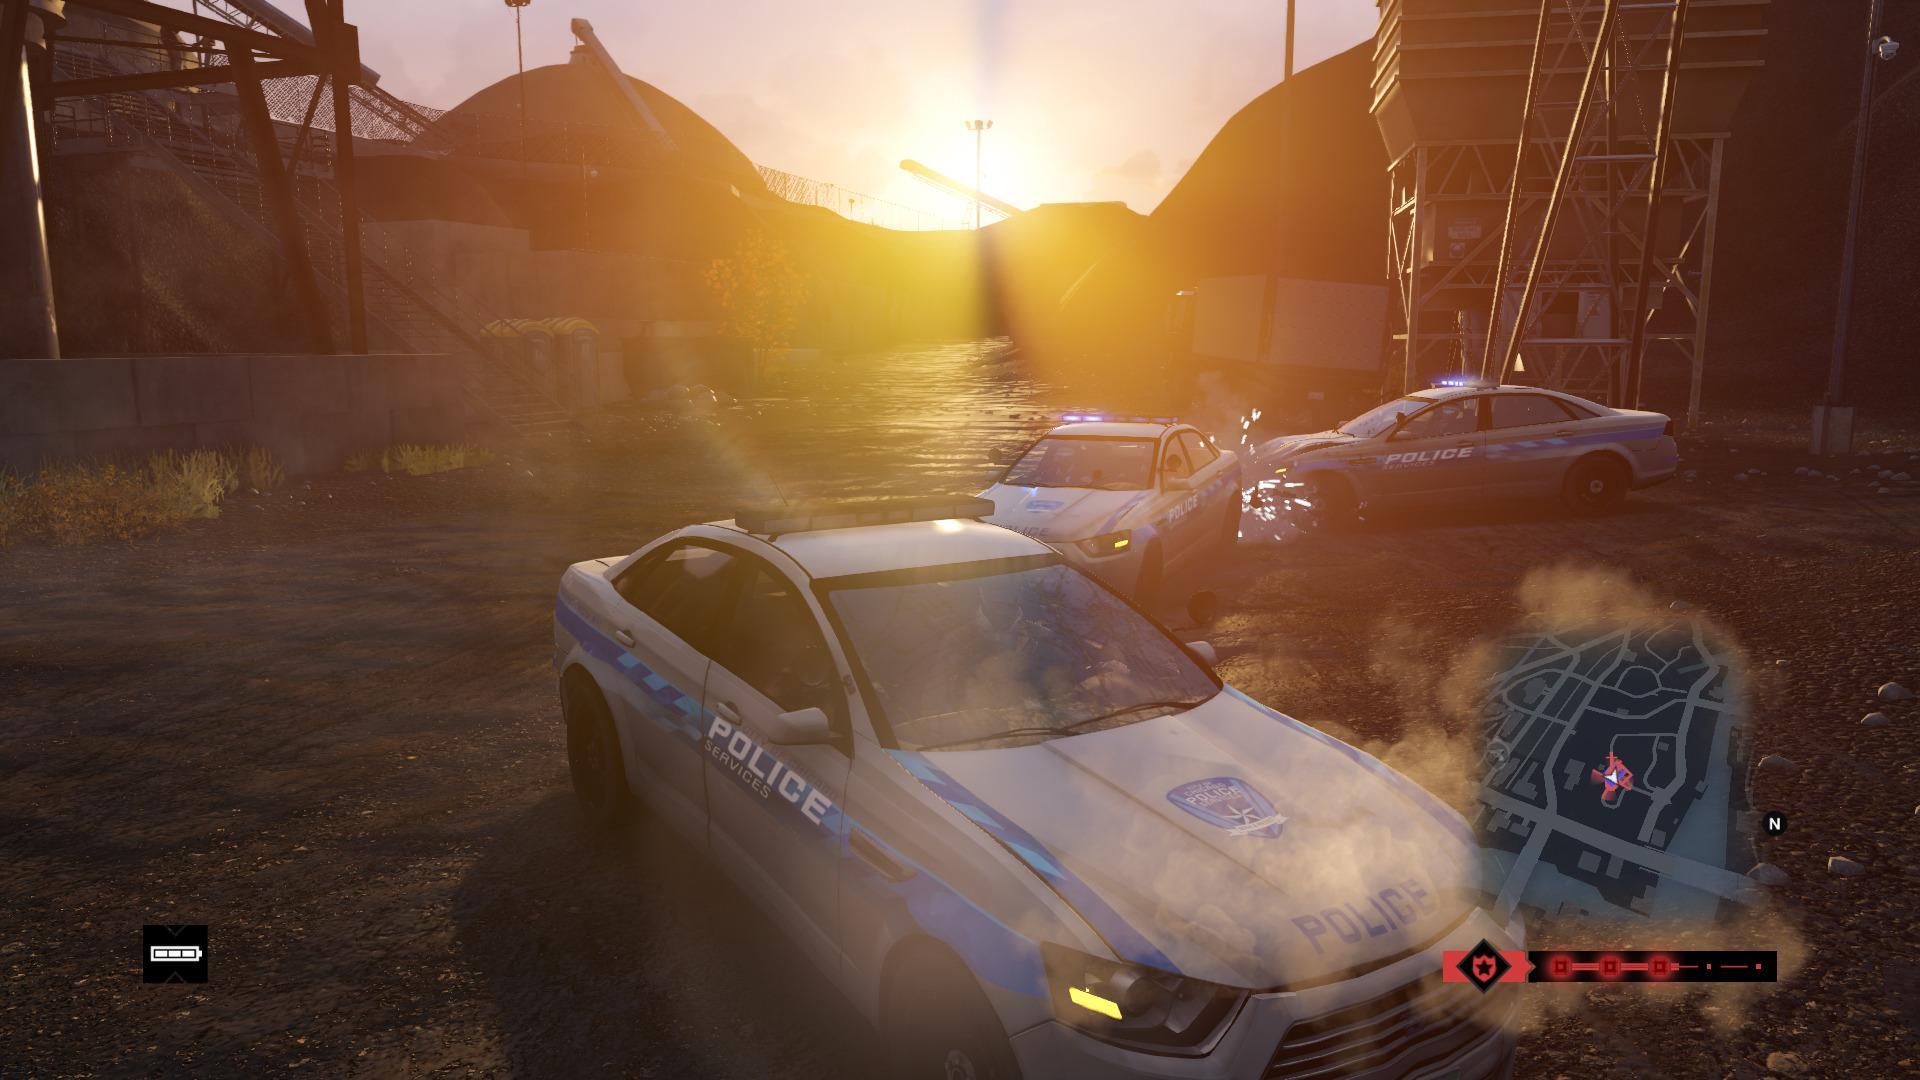 Det kan være visuelt vakkert å rappe en politibil i solnedgangen, men spesielt lurt er det ikke.